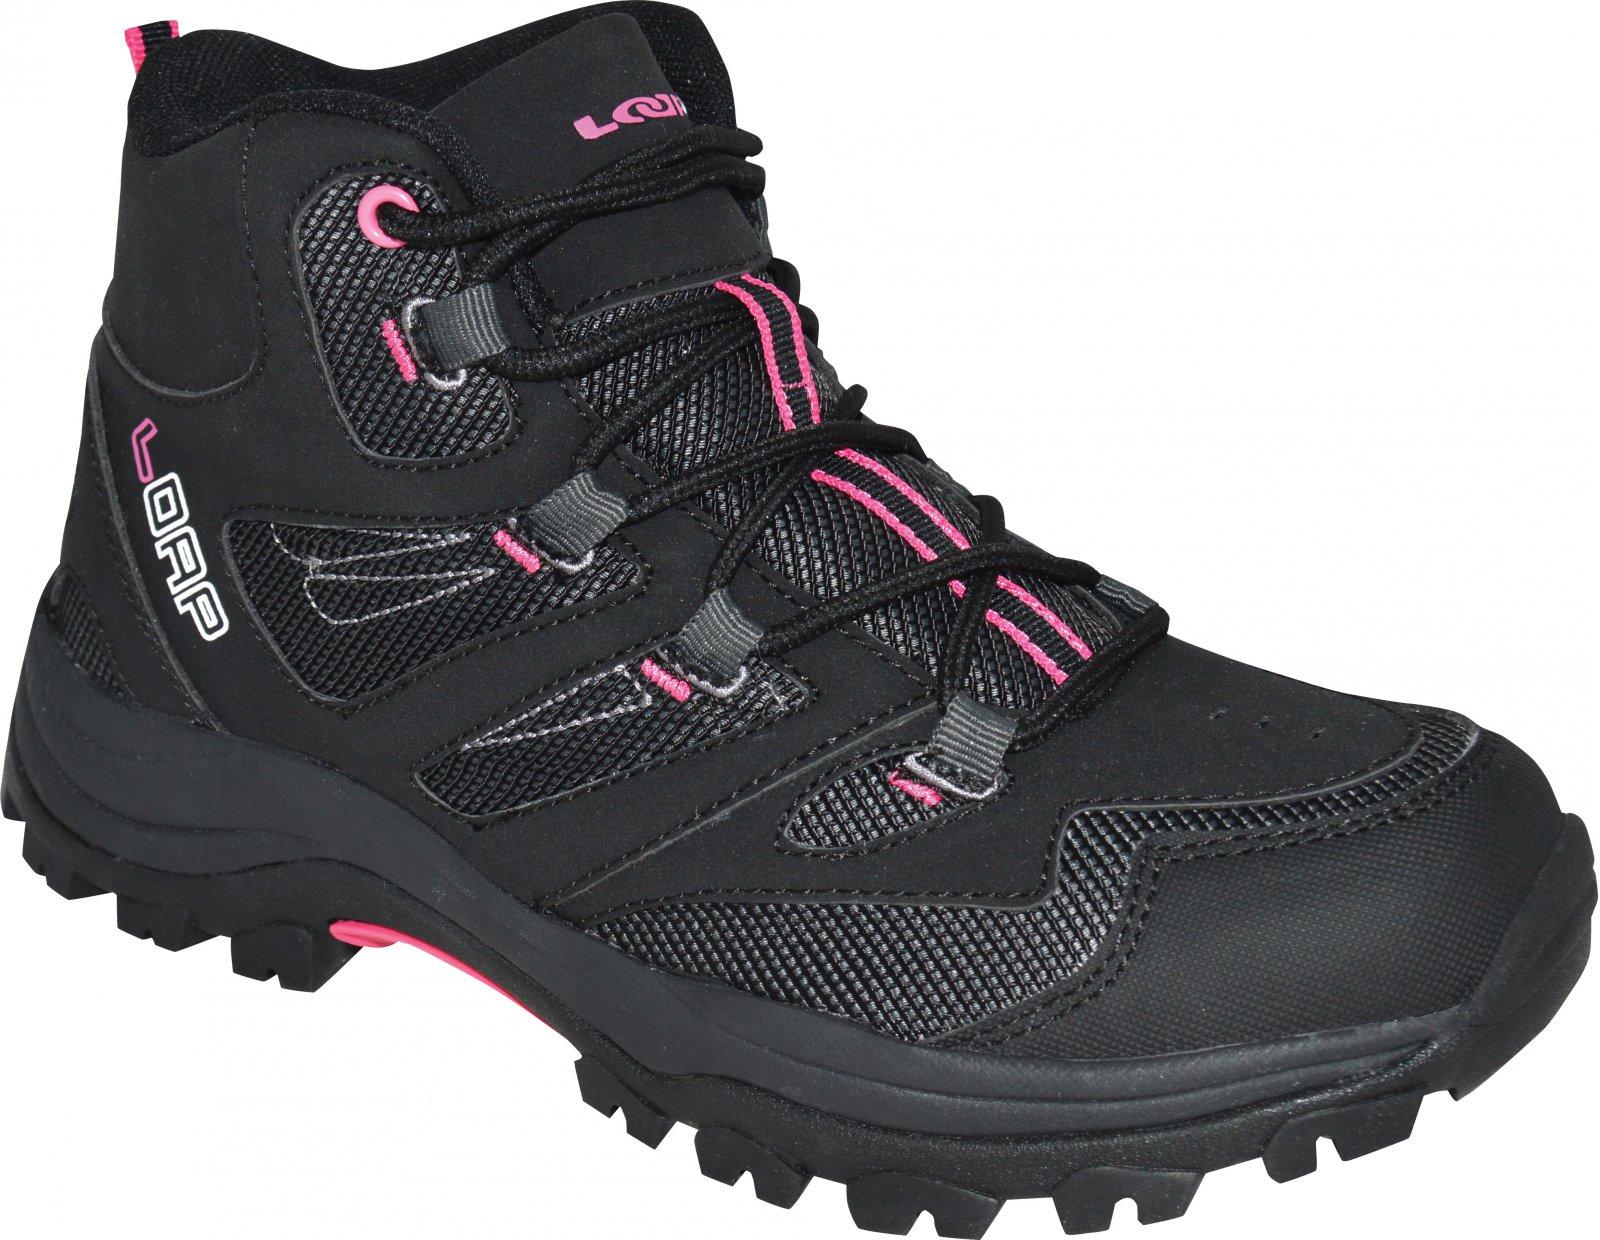 zimní trekové boty • Zboží.cz 1119b6b3d5